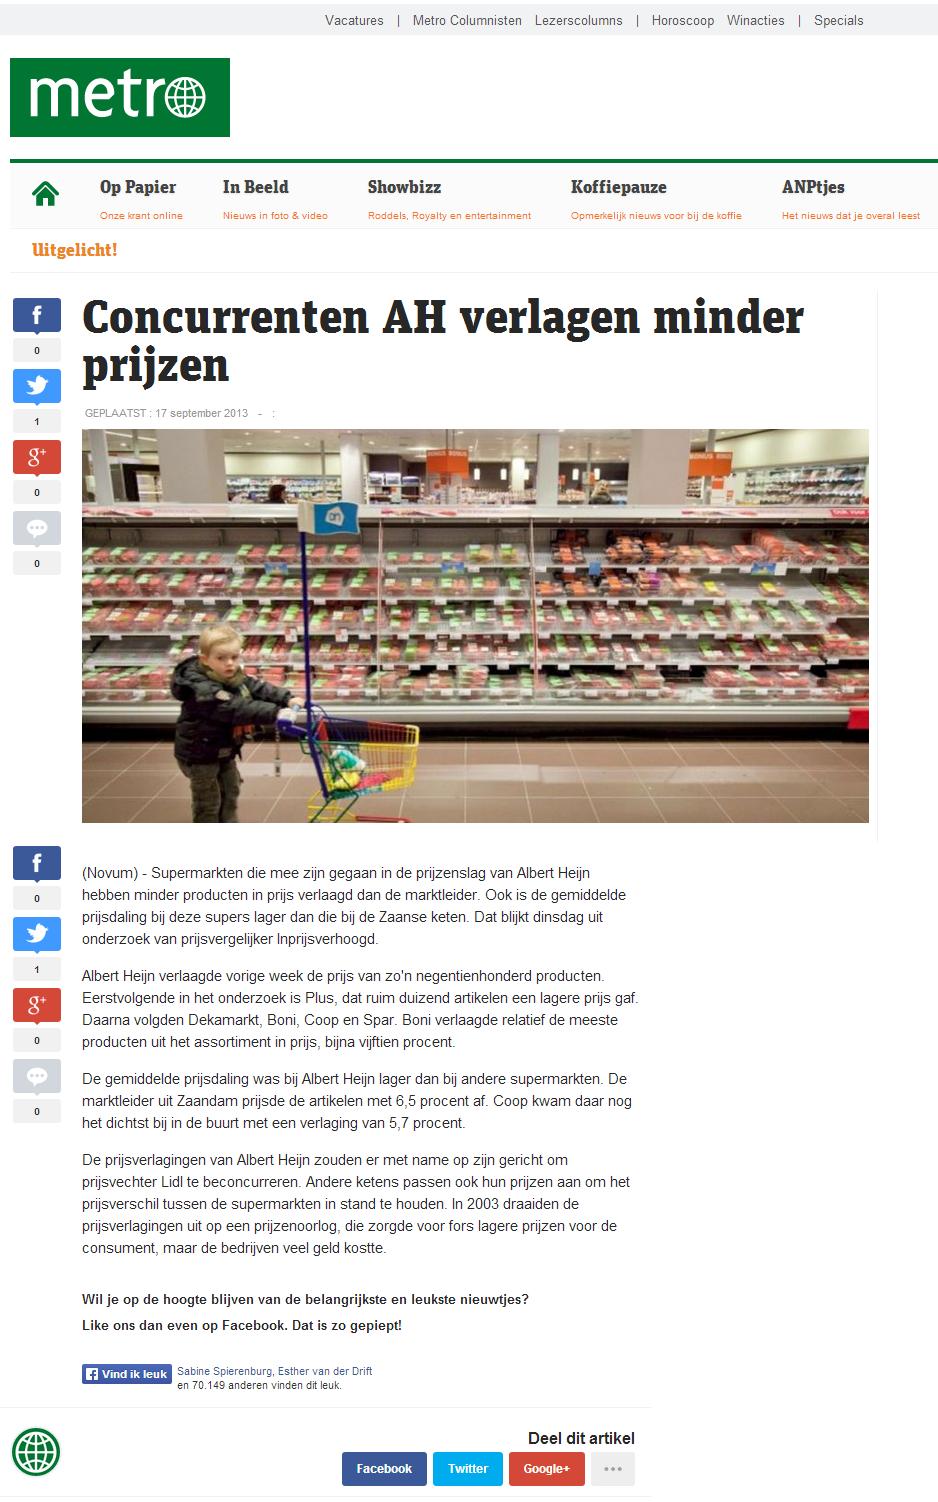 Metronieuws.nl: Concurrenten AH verlagen minder prijzen